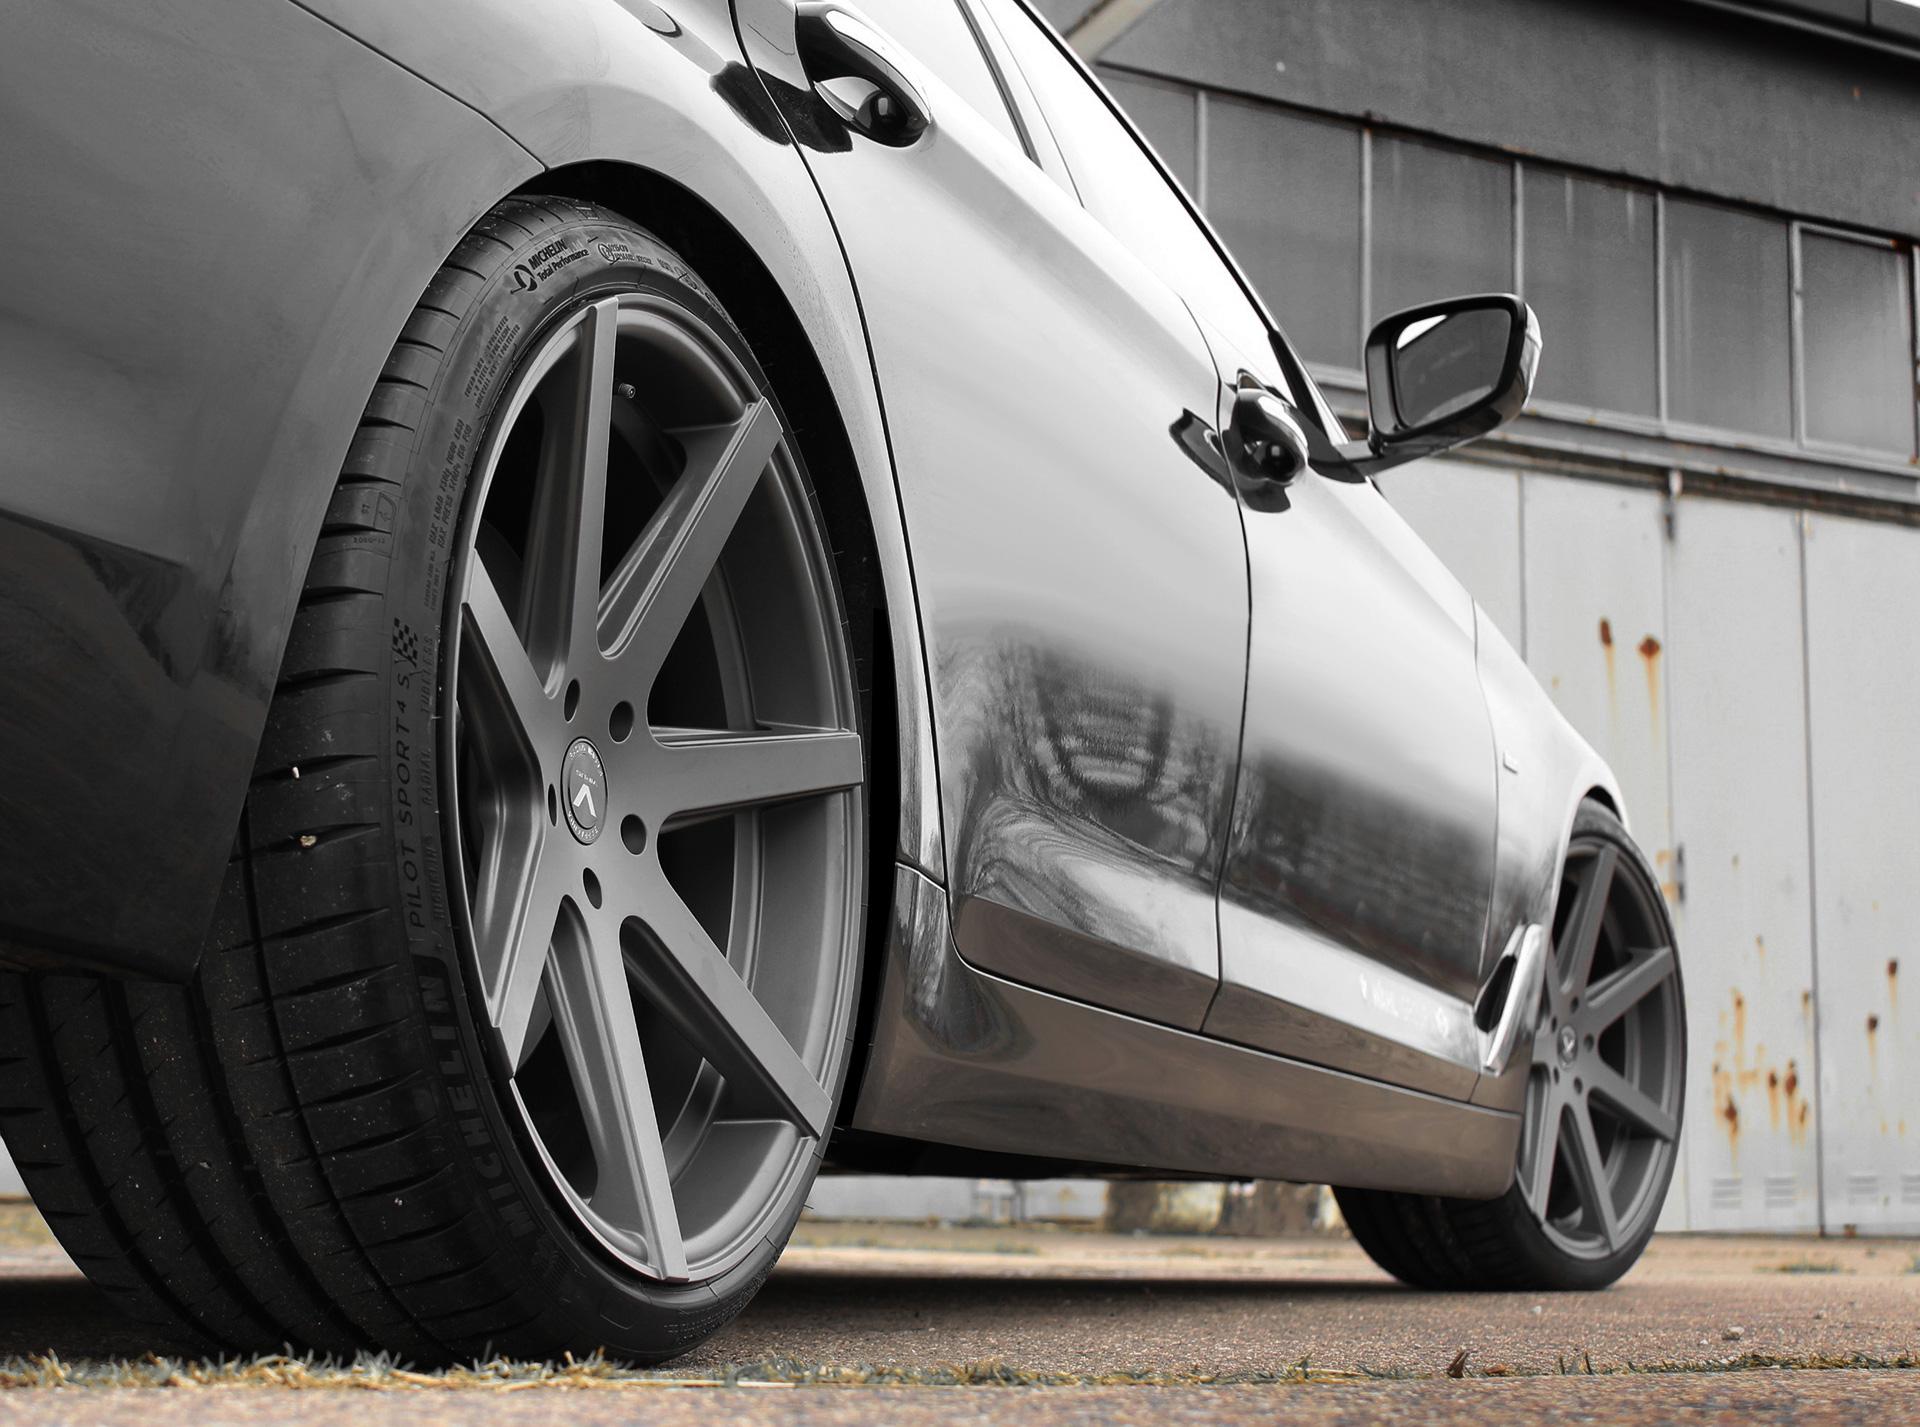 Neuer BMW 5er G30 mit Barracuda Inferno und Virus pagenstecher